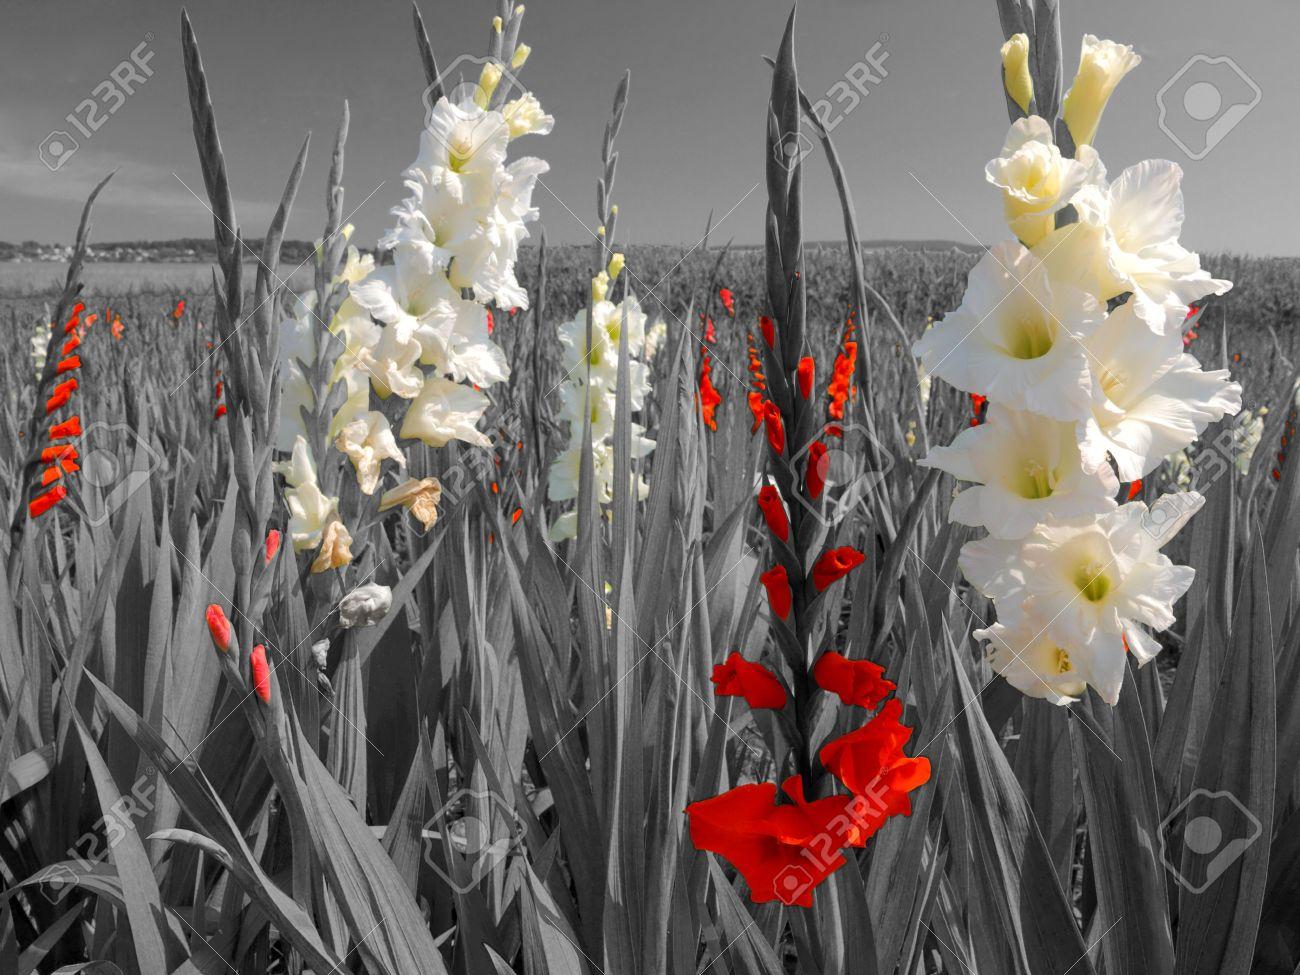 Banque dimages , fleurs de fleur blanche et rouge vif dans un paysage en noir et blanc.